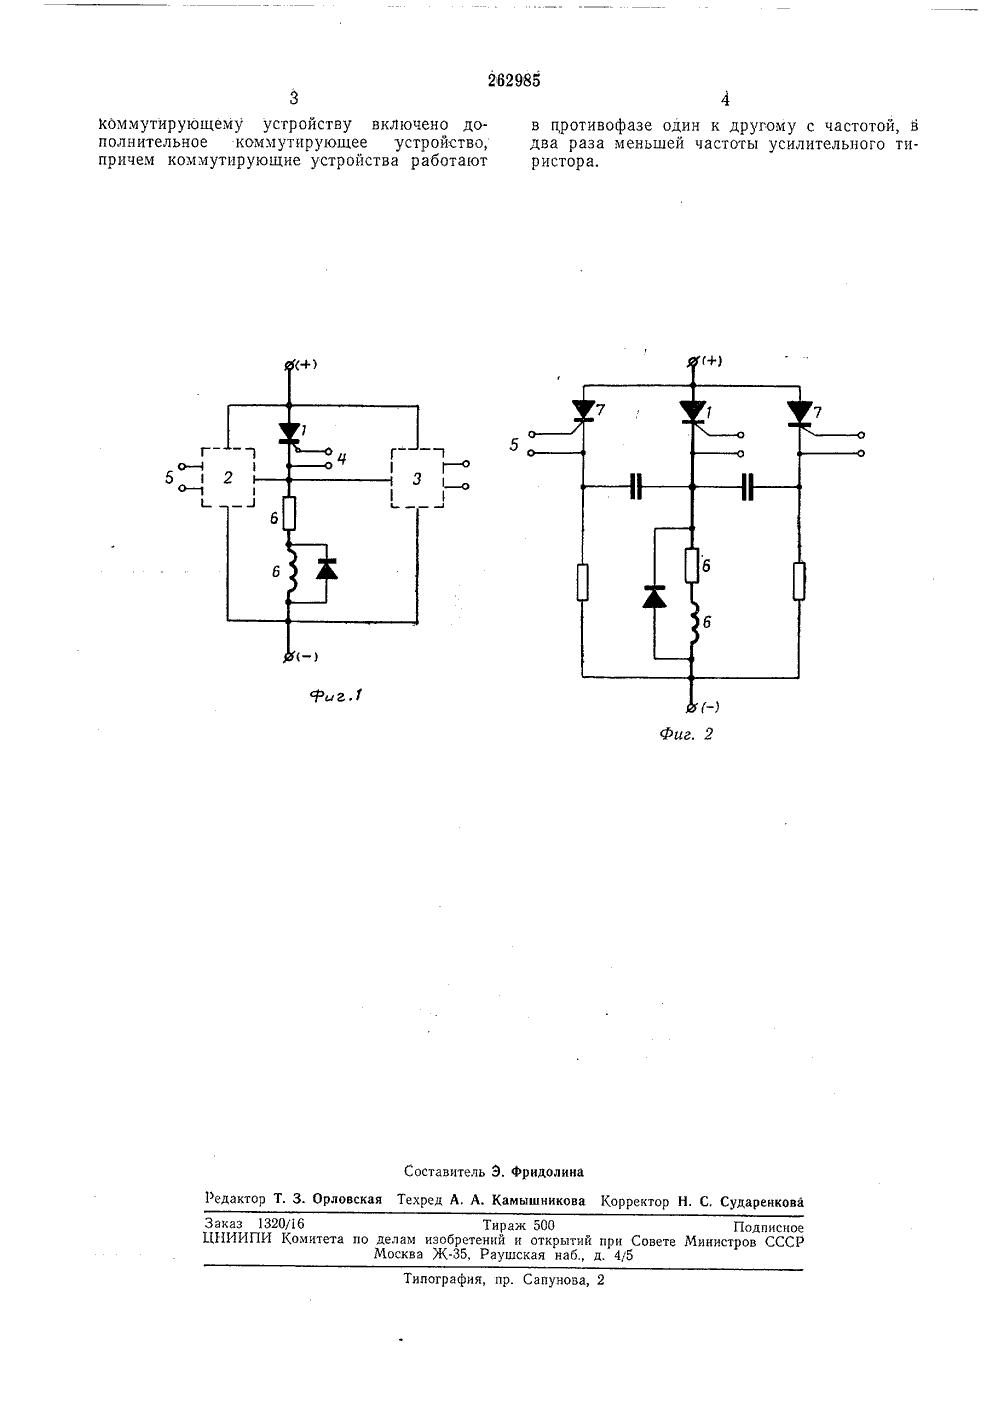 Усилитель тиристорный схема